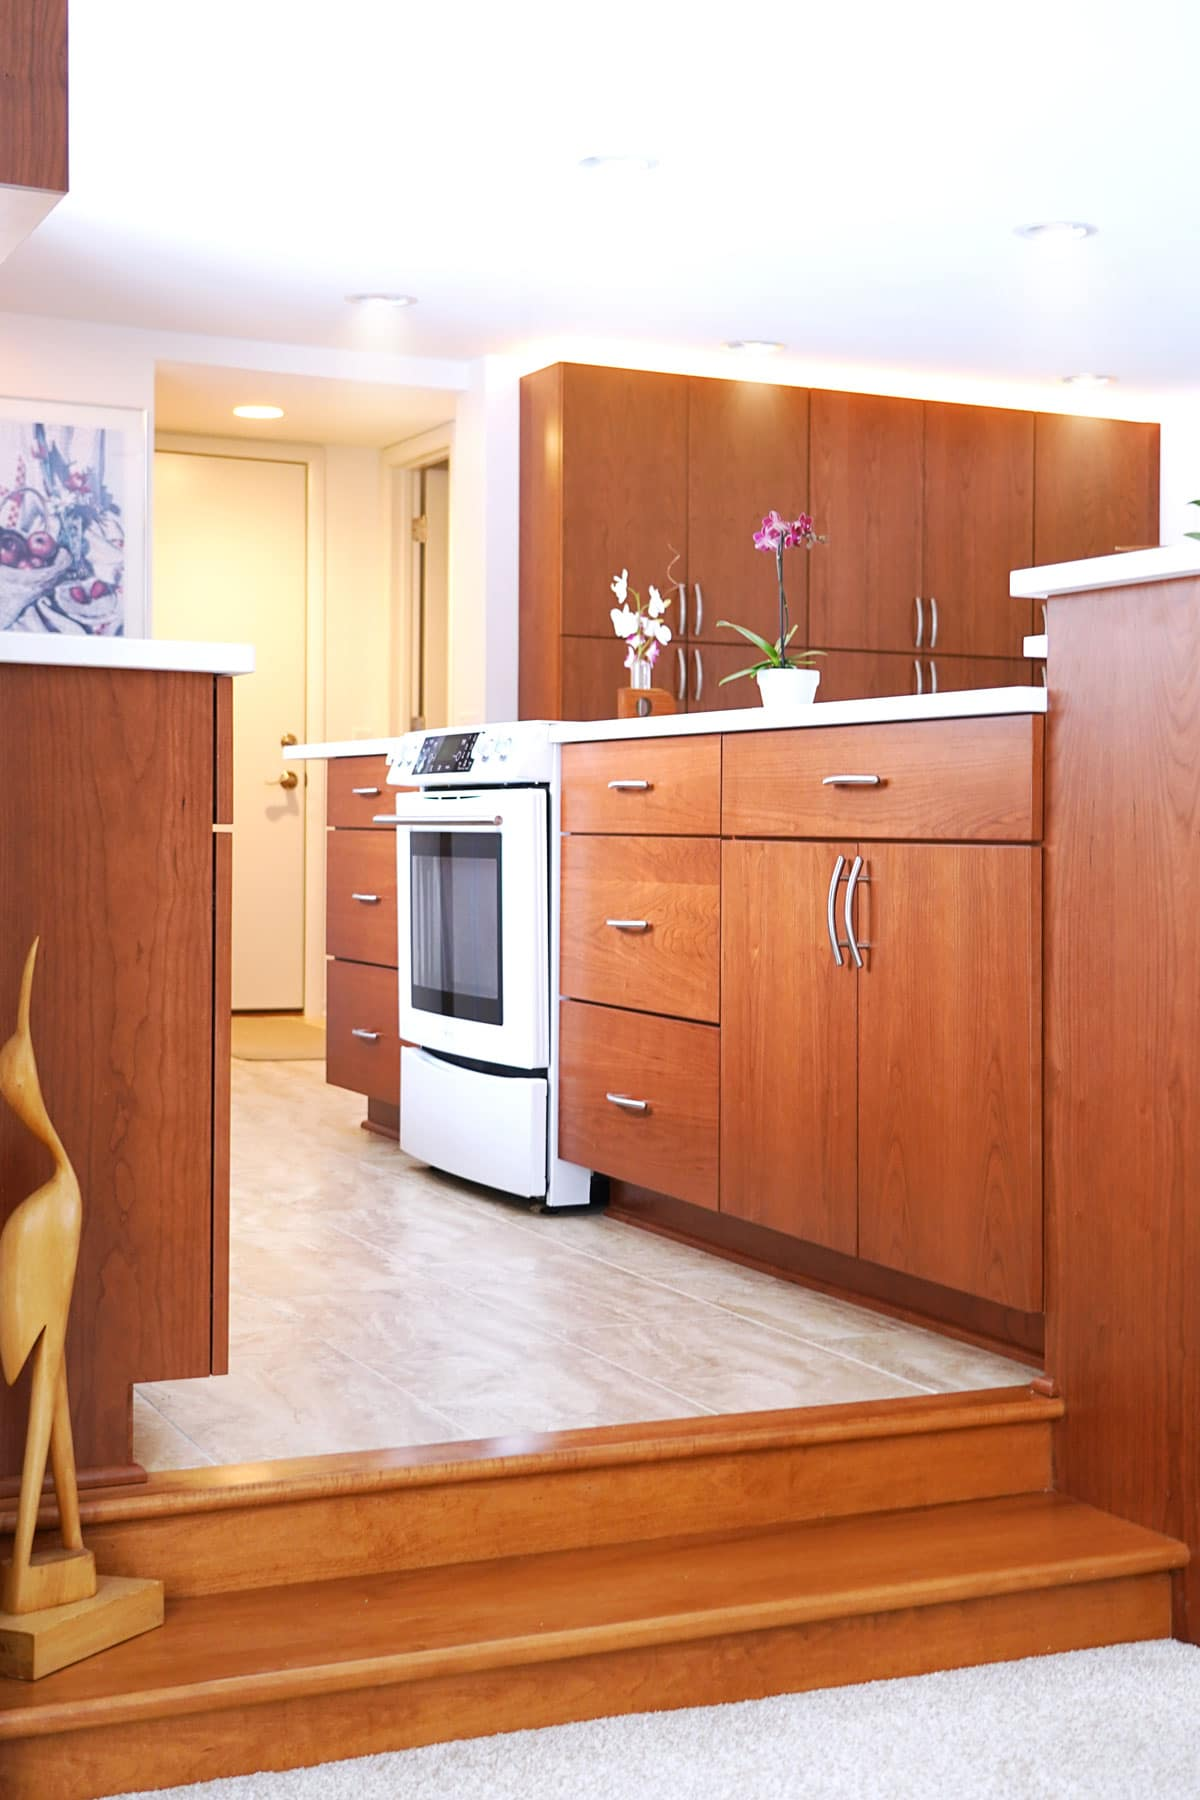 kitchen_remodel_web1